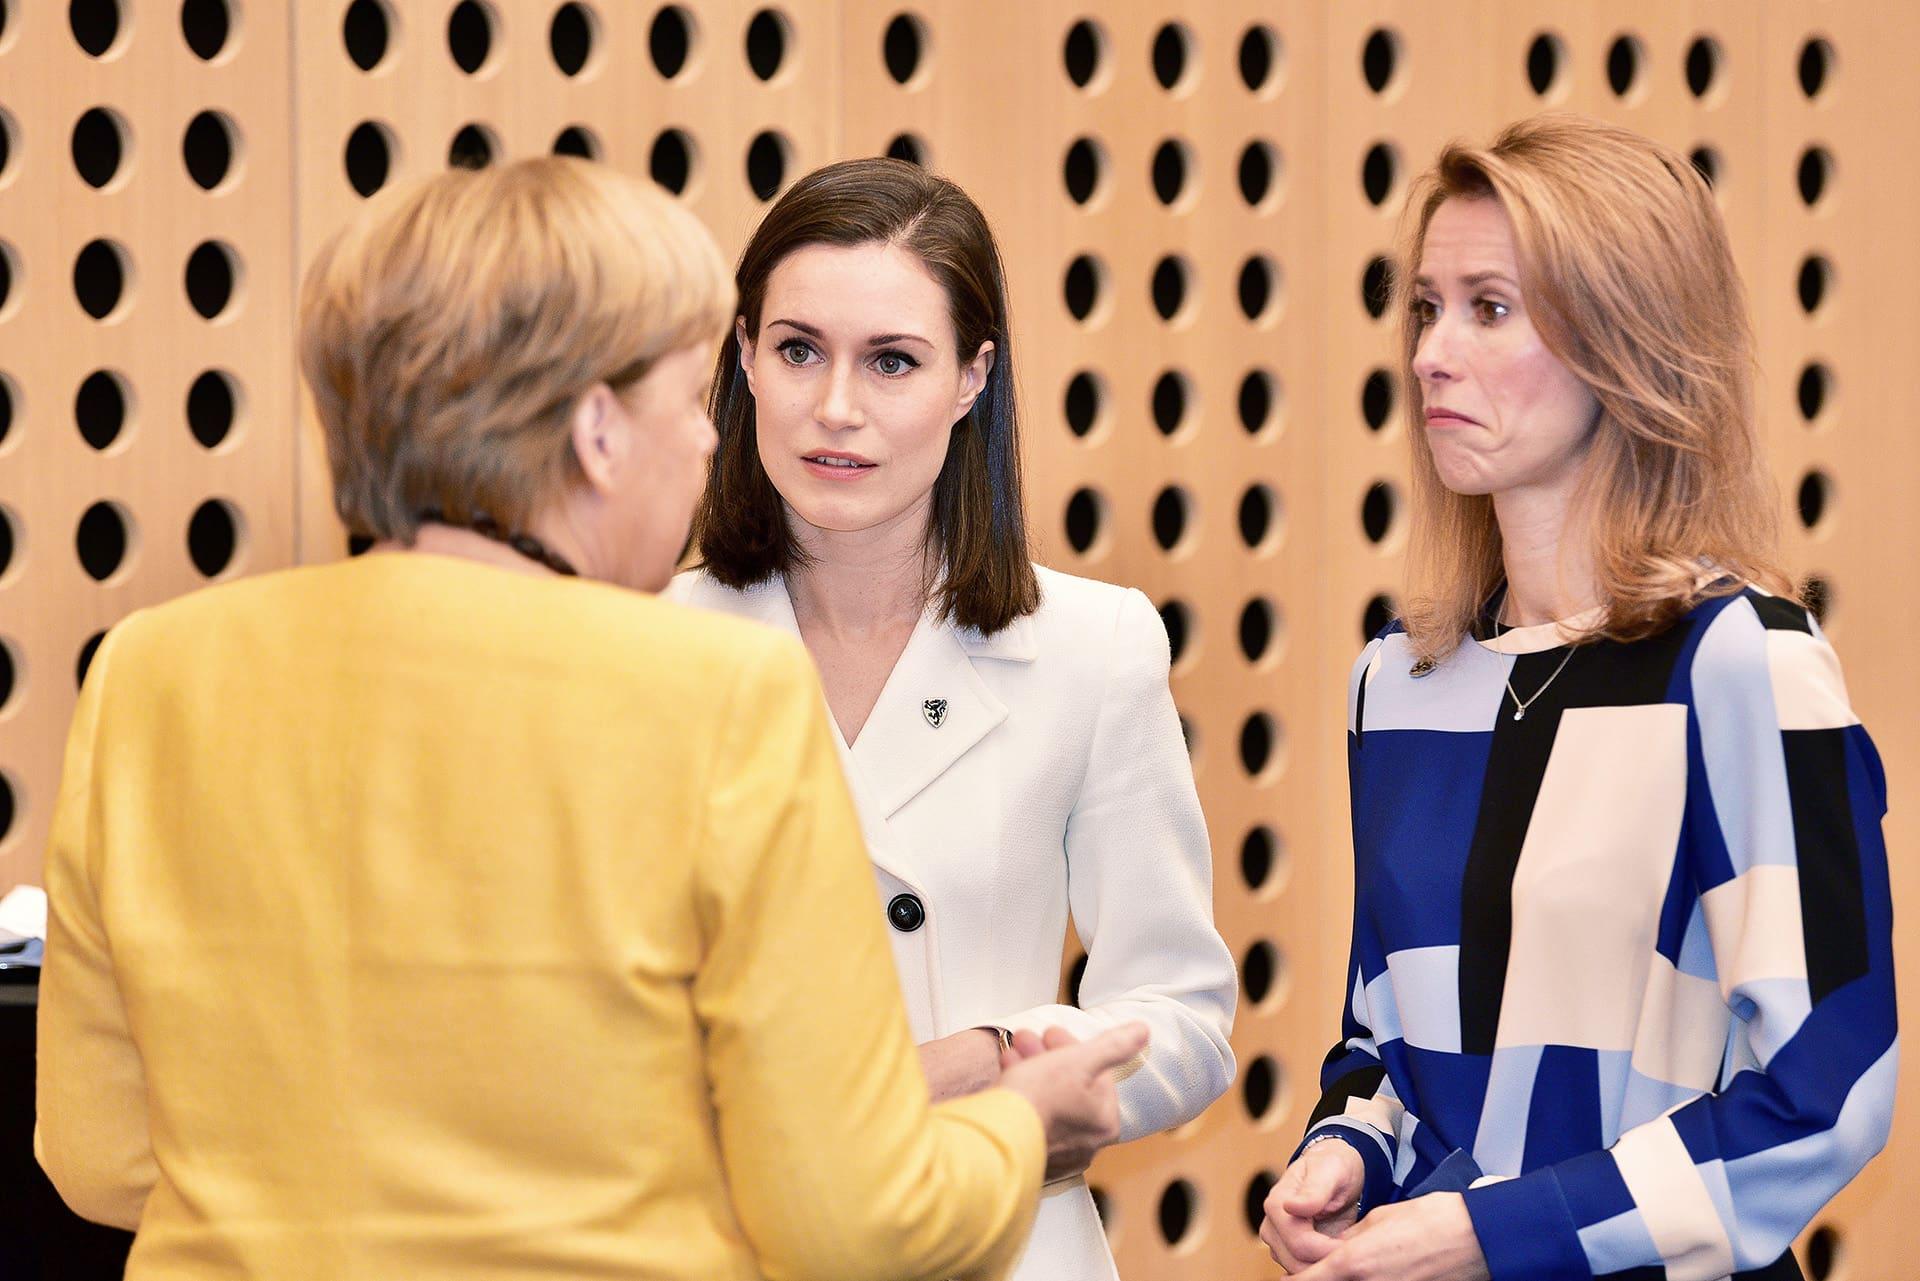 Liittokansleri Agela Merkel ja pääministerit Sanna Marin ja Kaja Kallas keskusteleivat Länsi-Balkanin huippukokouksessa Slovenian Kranjissa.